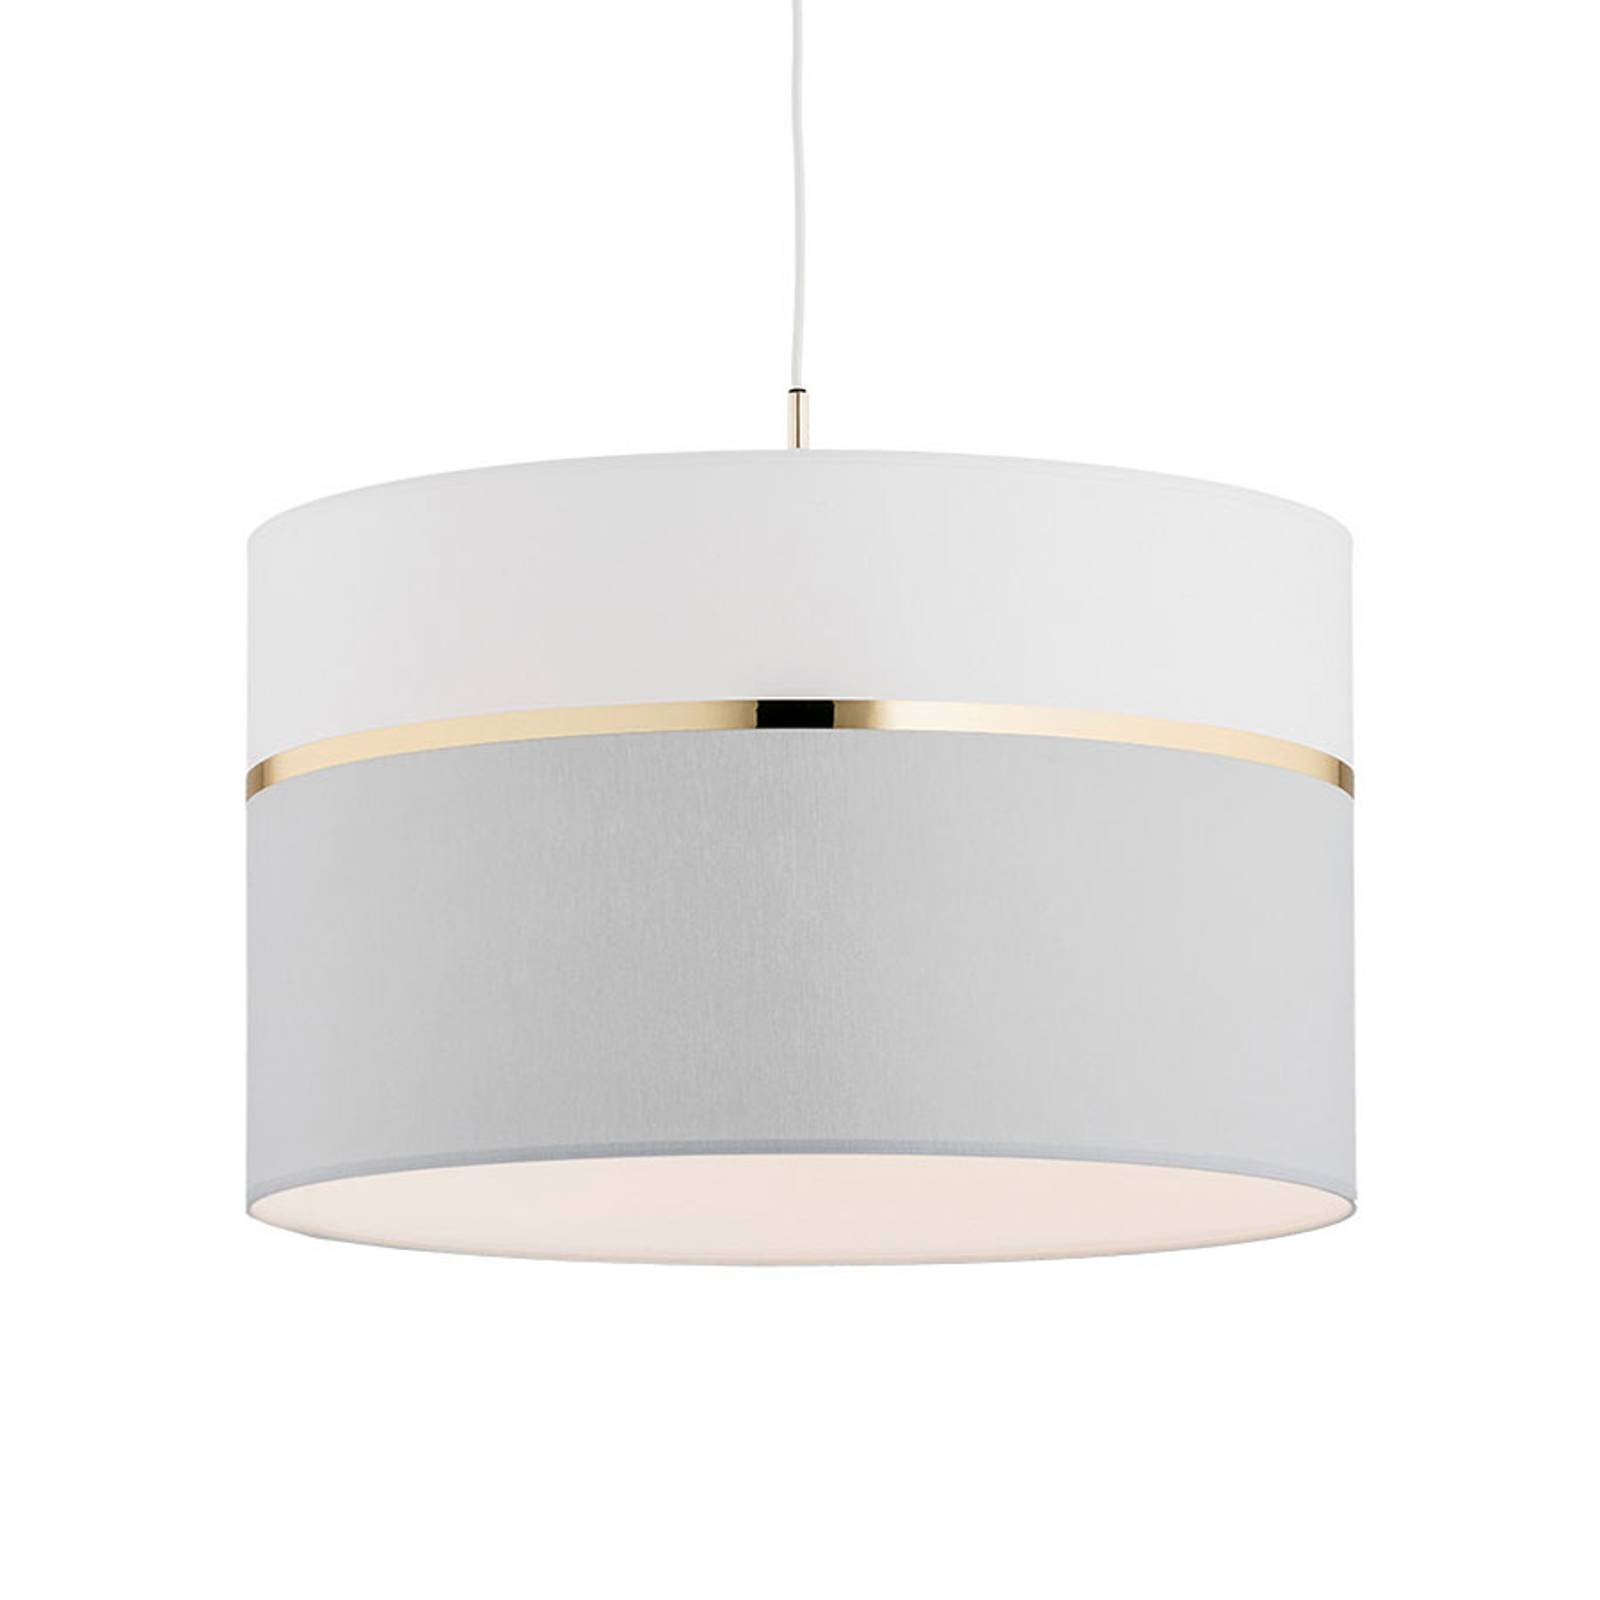 Riippuvalo Long 1-lamppuinen valkoinen/harmaa